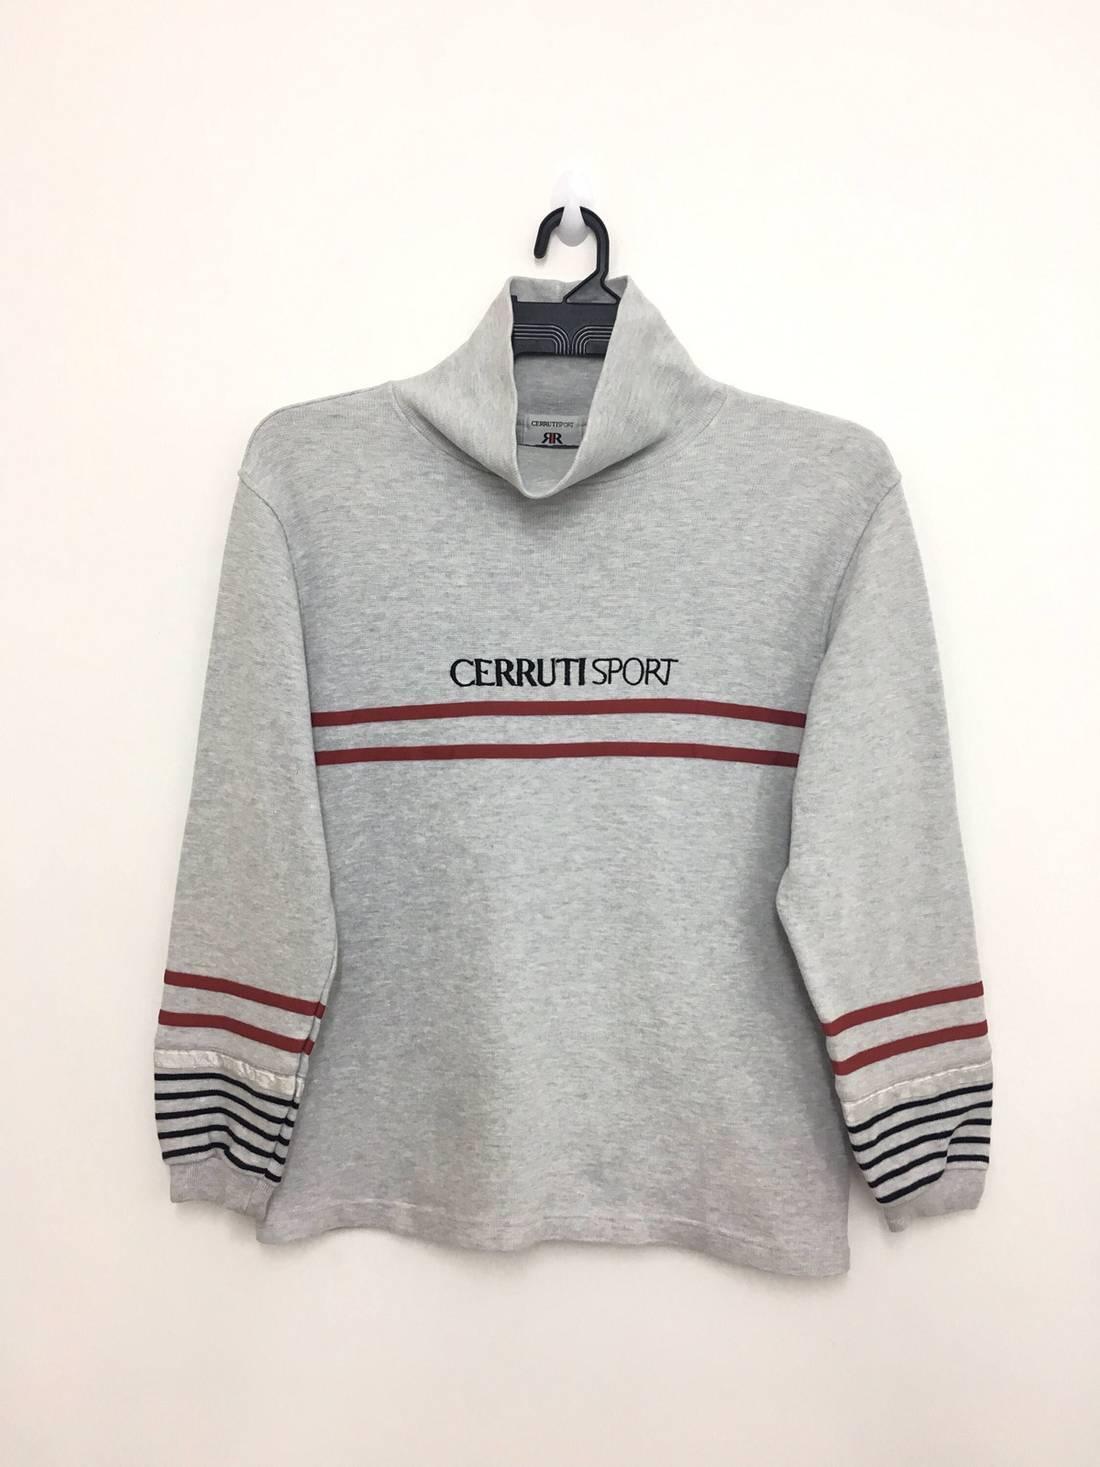 Sale Vintage CERRUTI SPORT Sweatshirt Turtle Neck Medium Size on tag